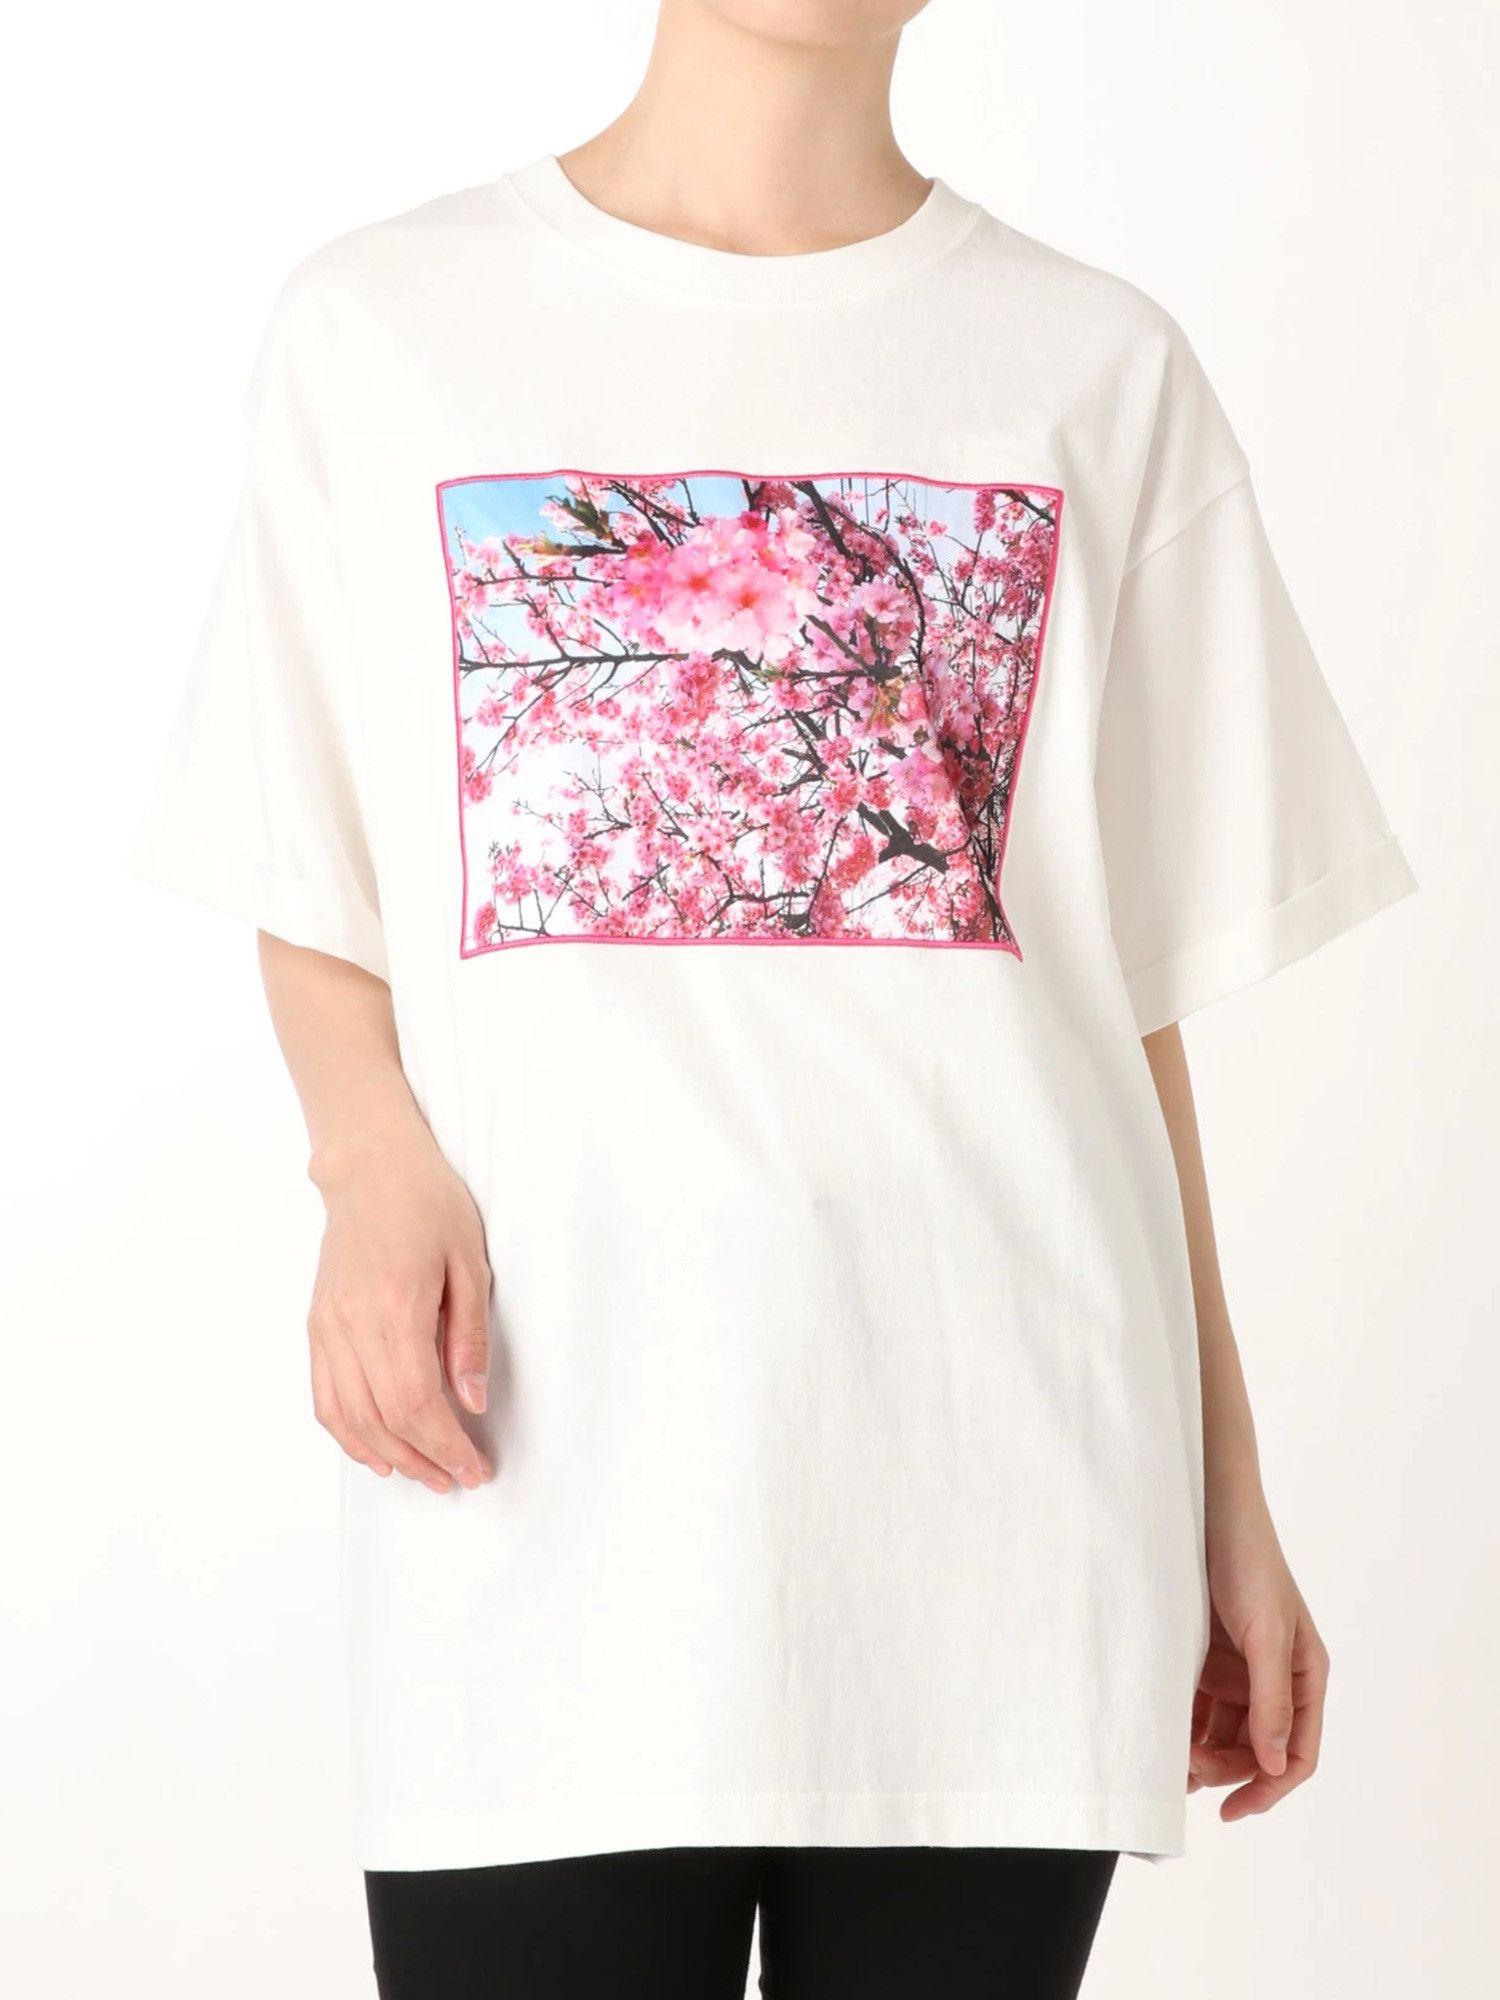 Japan scene T-shirt